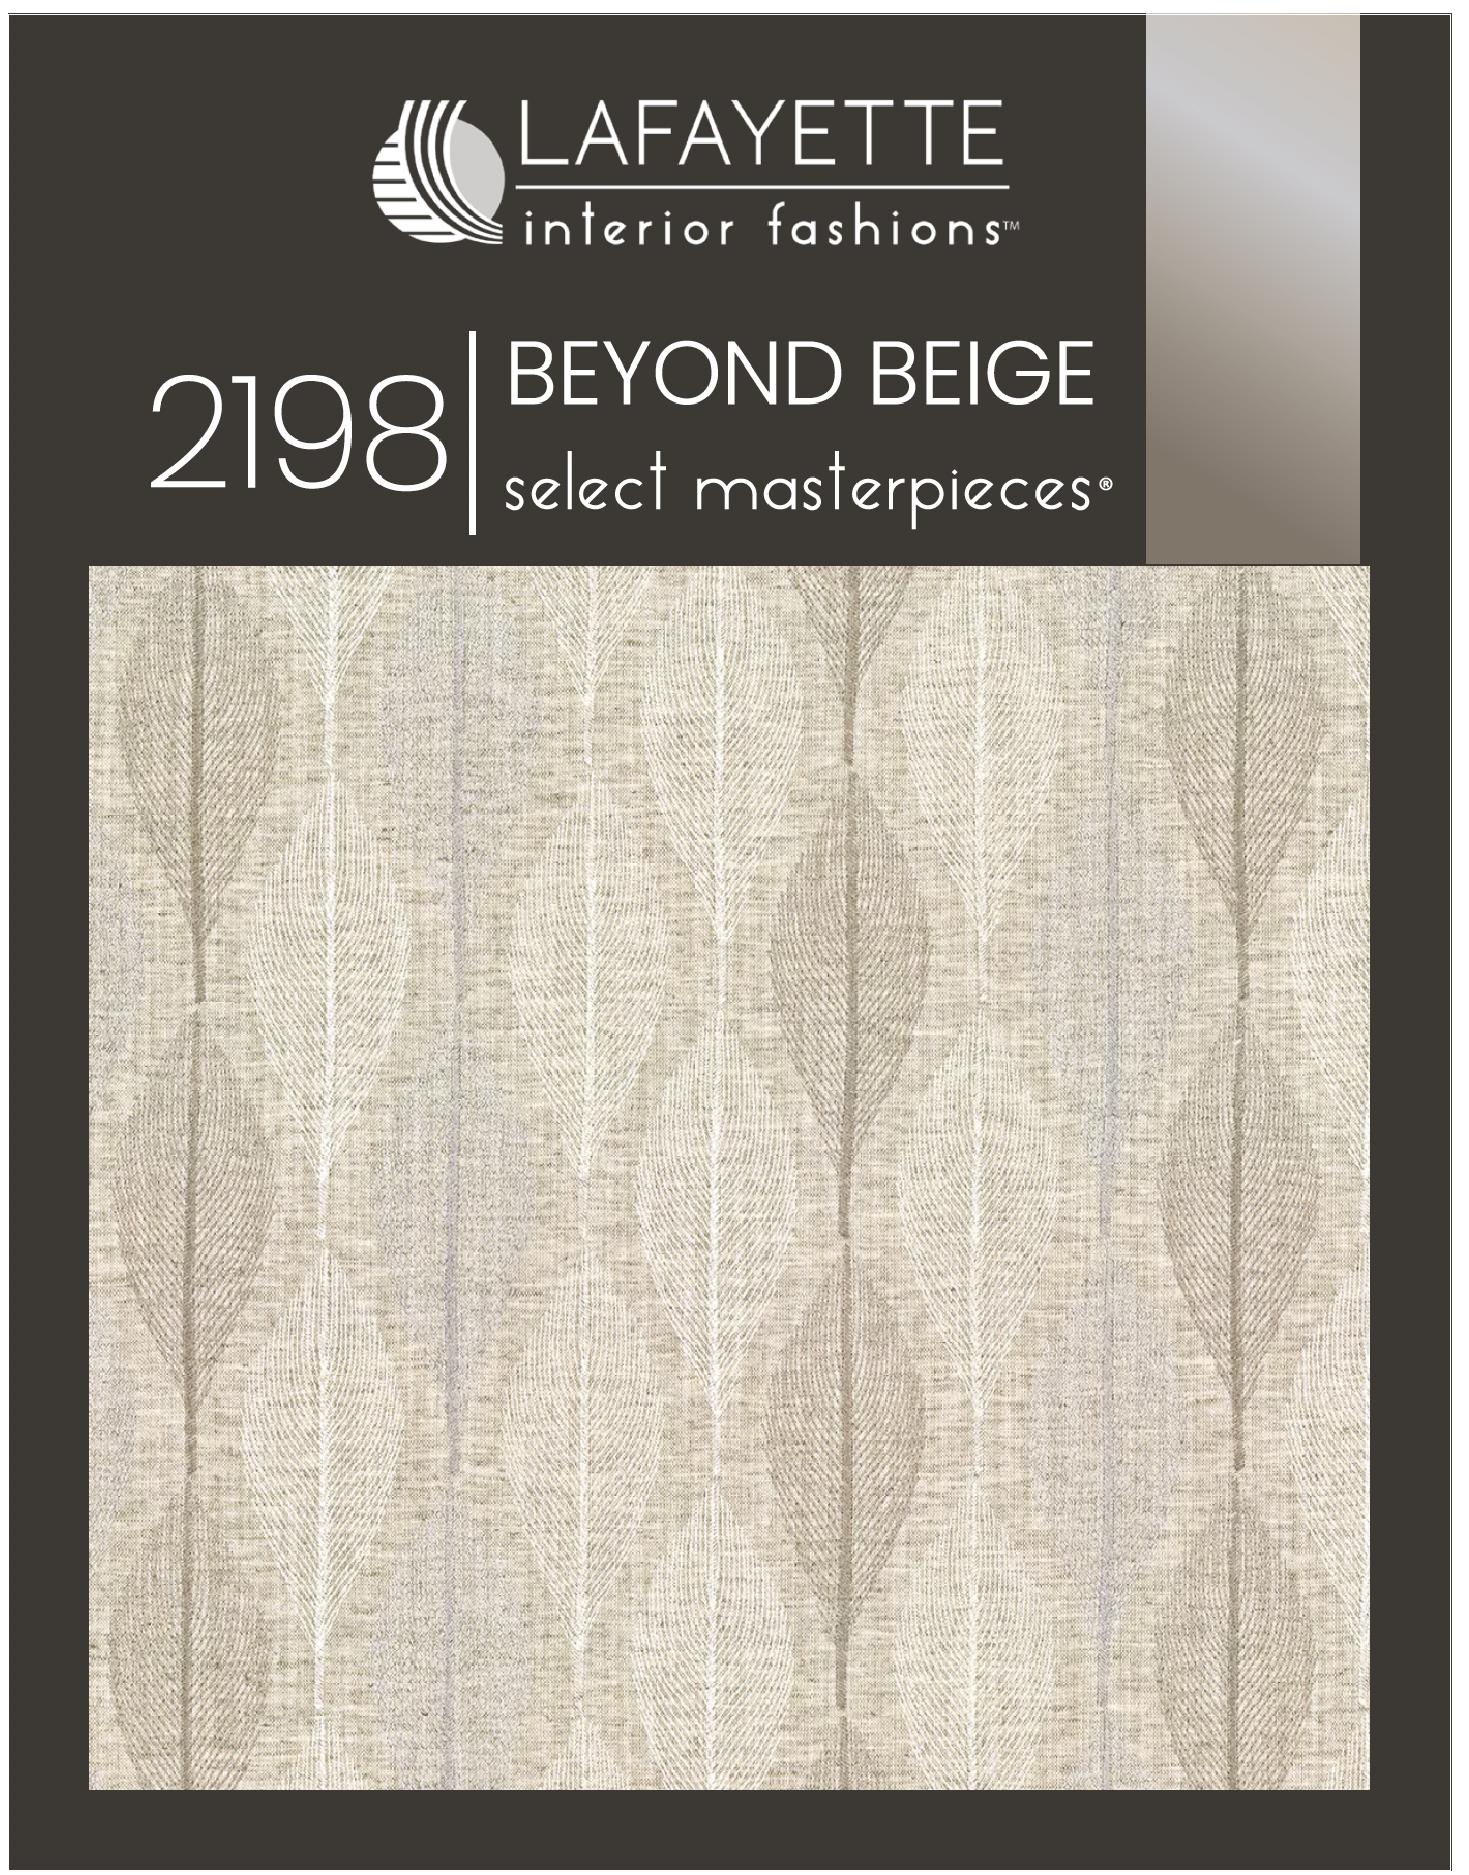 Beyond Beige 2198